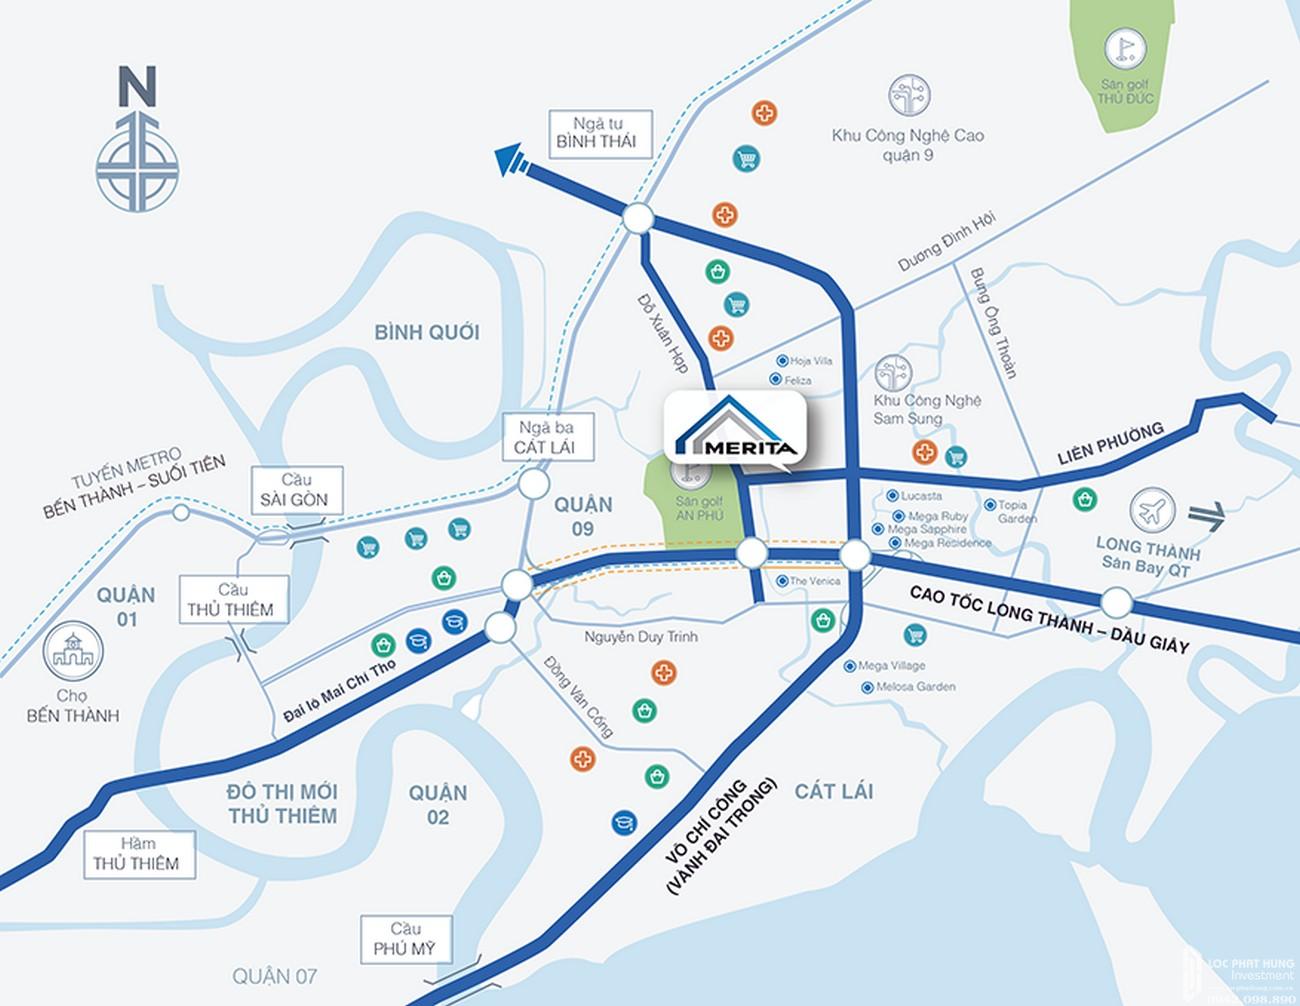 Vị trí địa chỉ dự án nhà phố Merita Quận 9 Đường Liên Phường chủ đầu tư Khang Điền